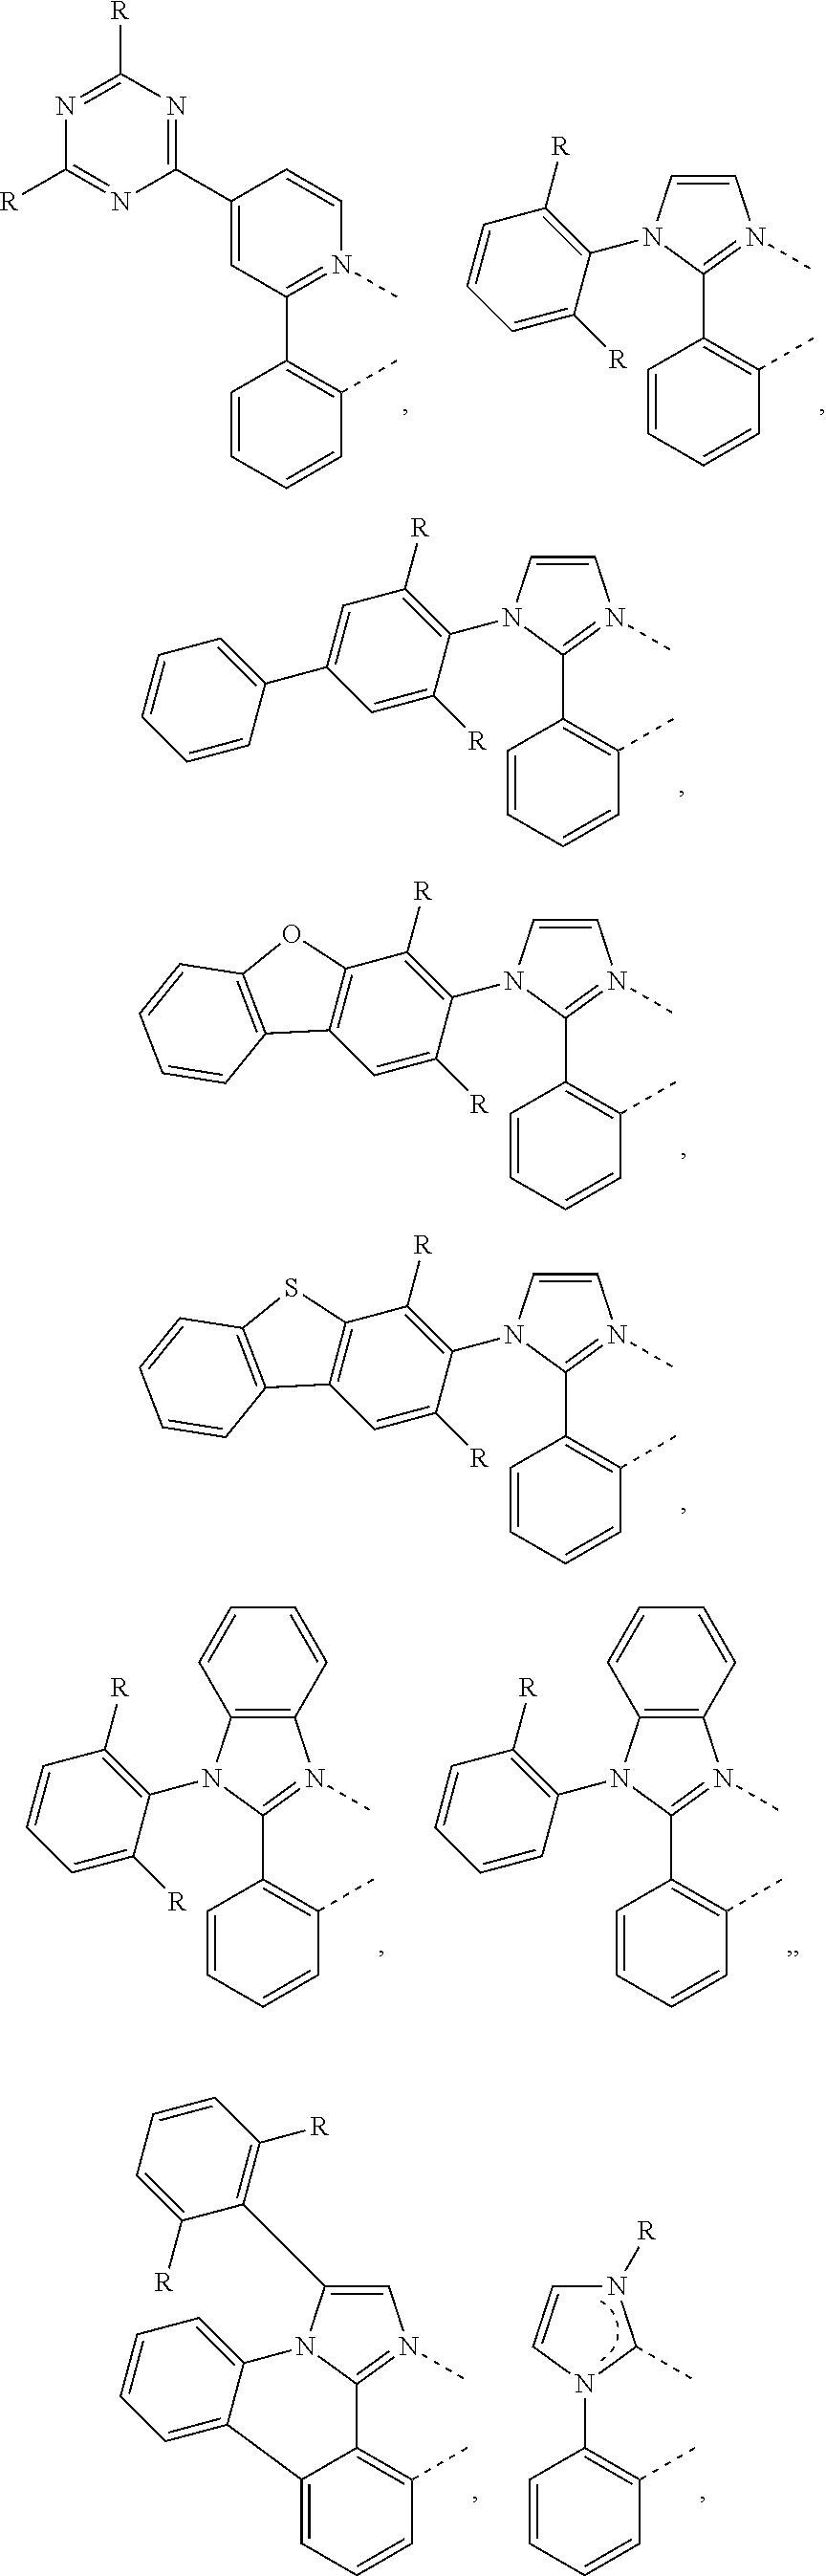 Figure US20180130962A1-20180510-C00226